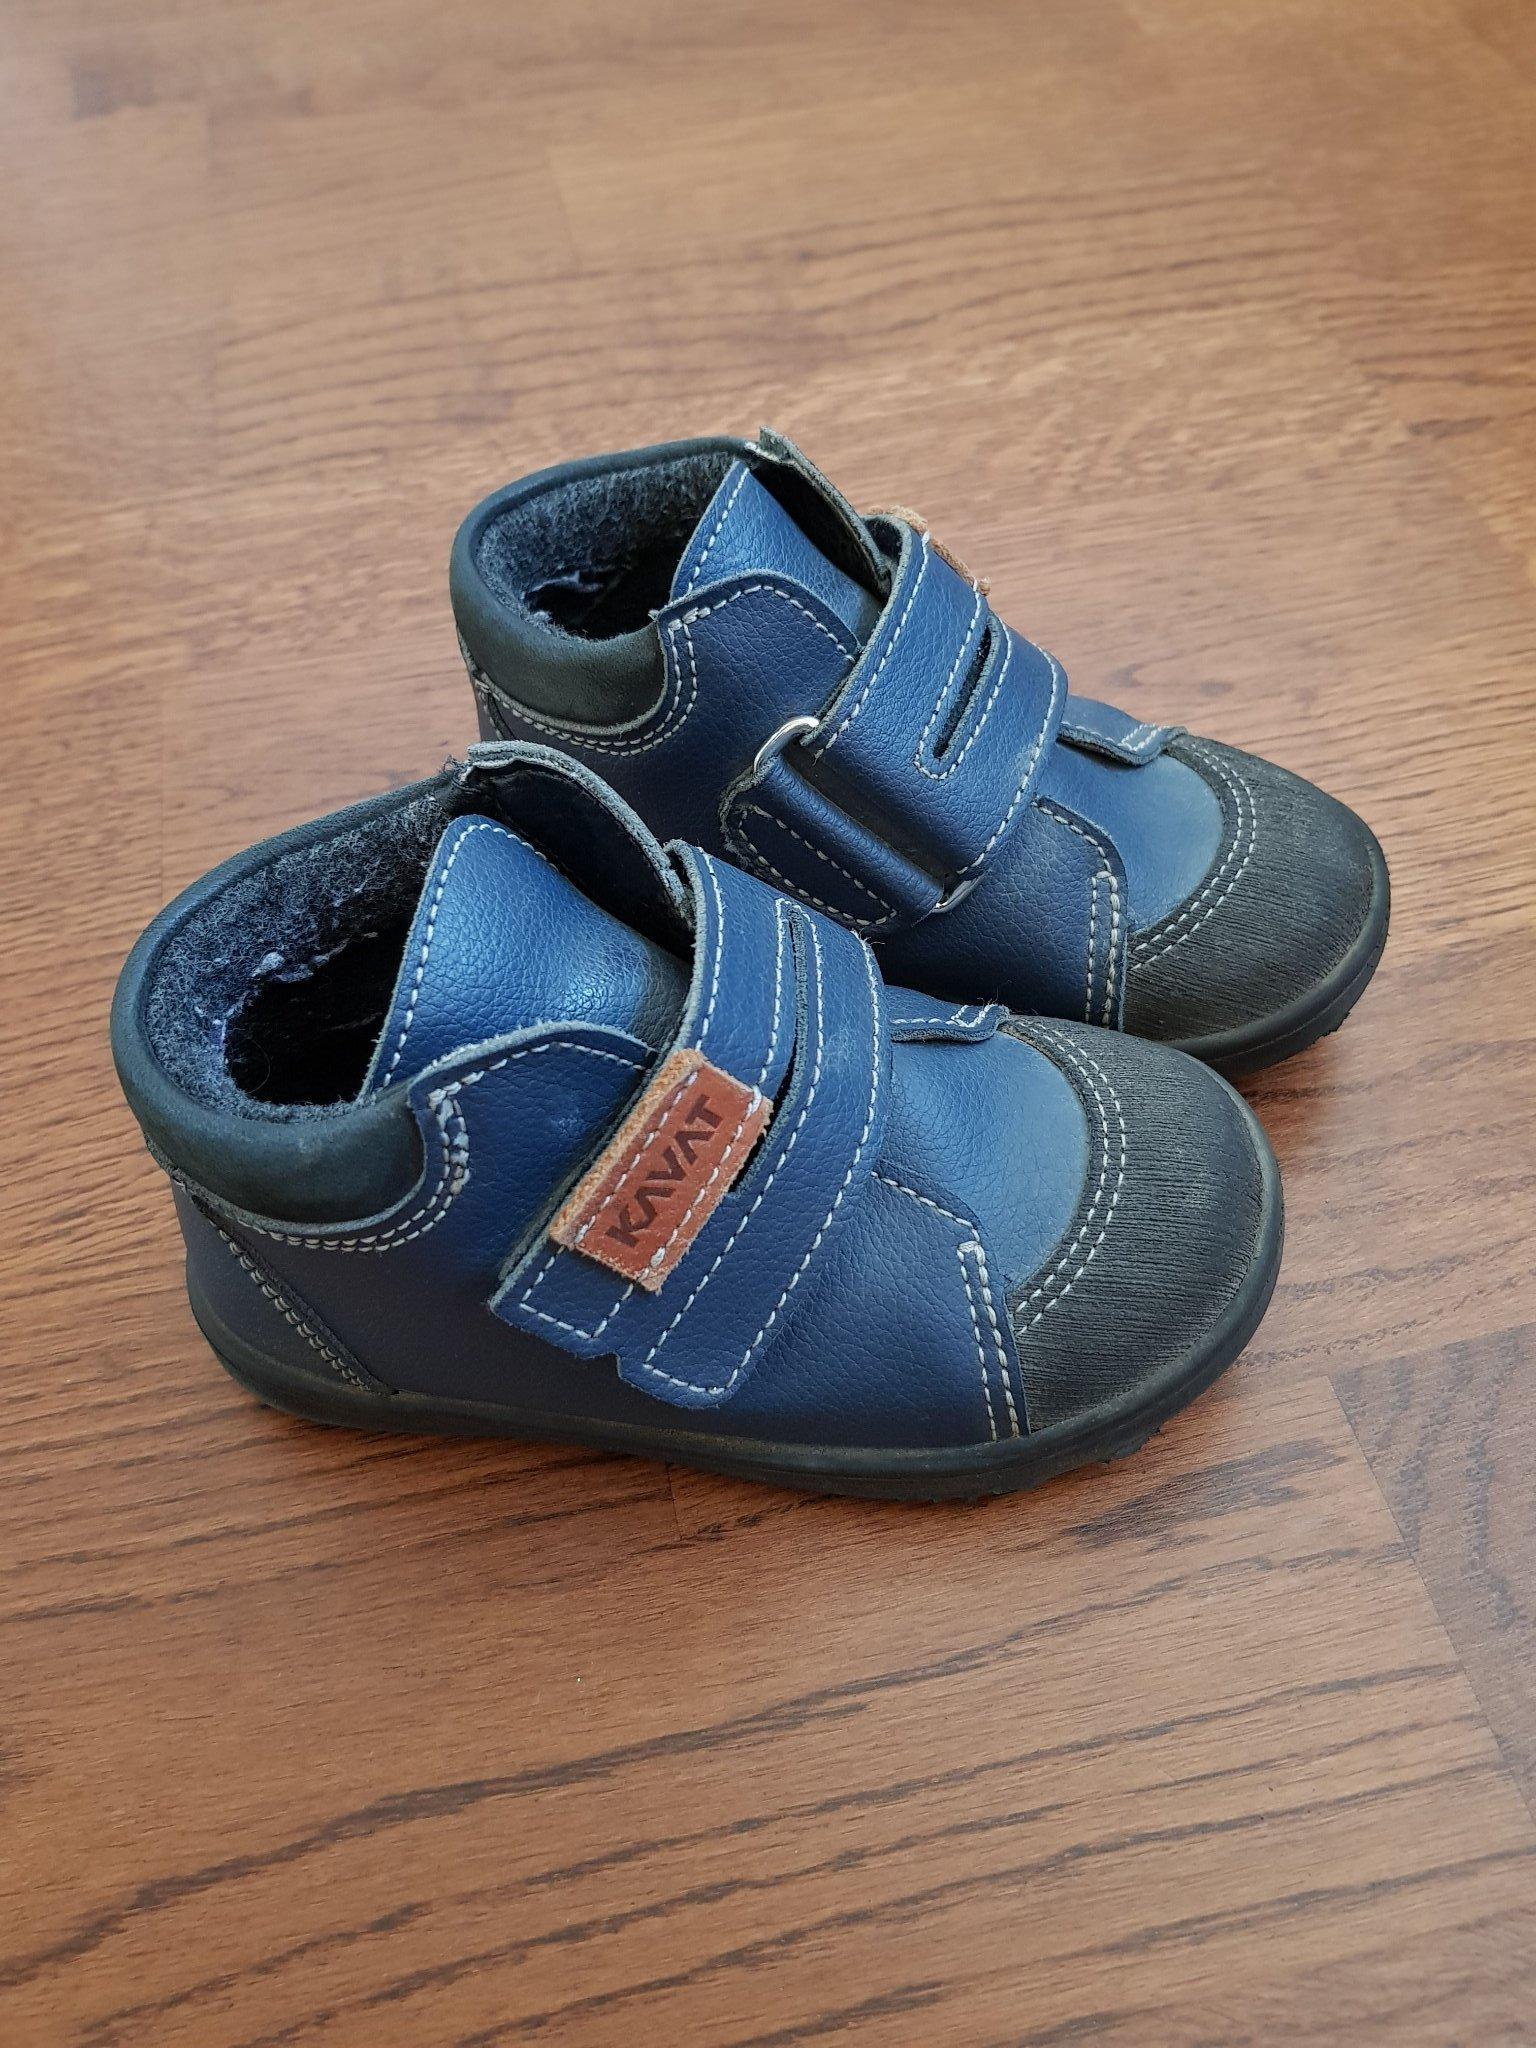 skor med högt skaft